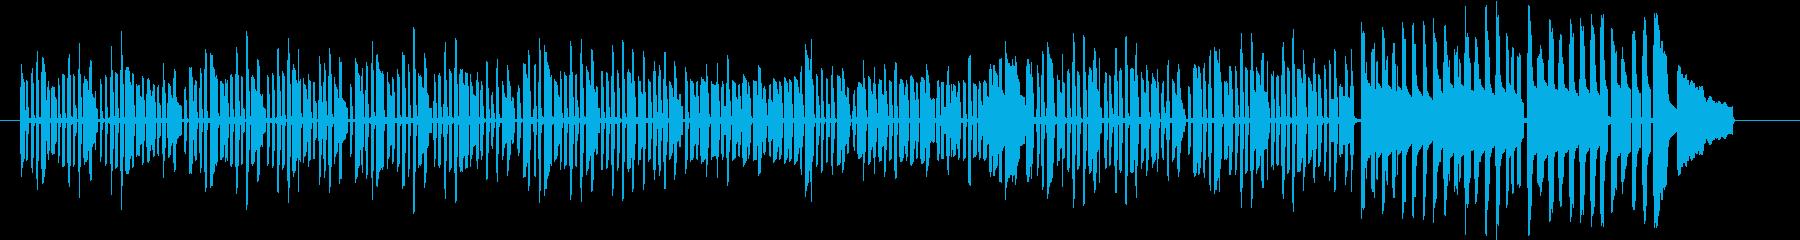 動物の赤ちゃんをイメージしたほのぼの曲の再生済みの波形